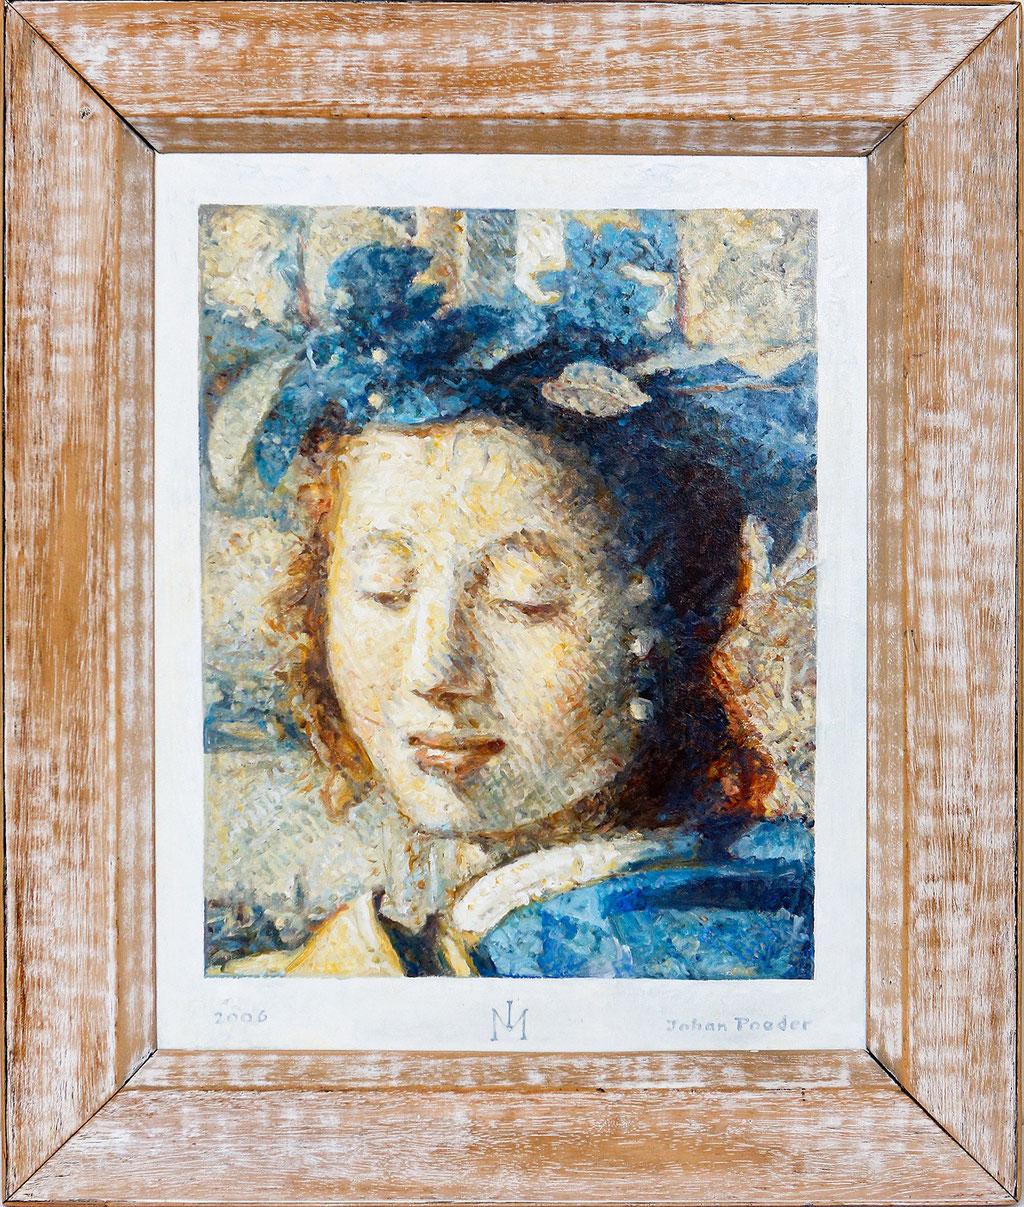 Hommage aan Vermeer, olieverf